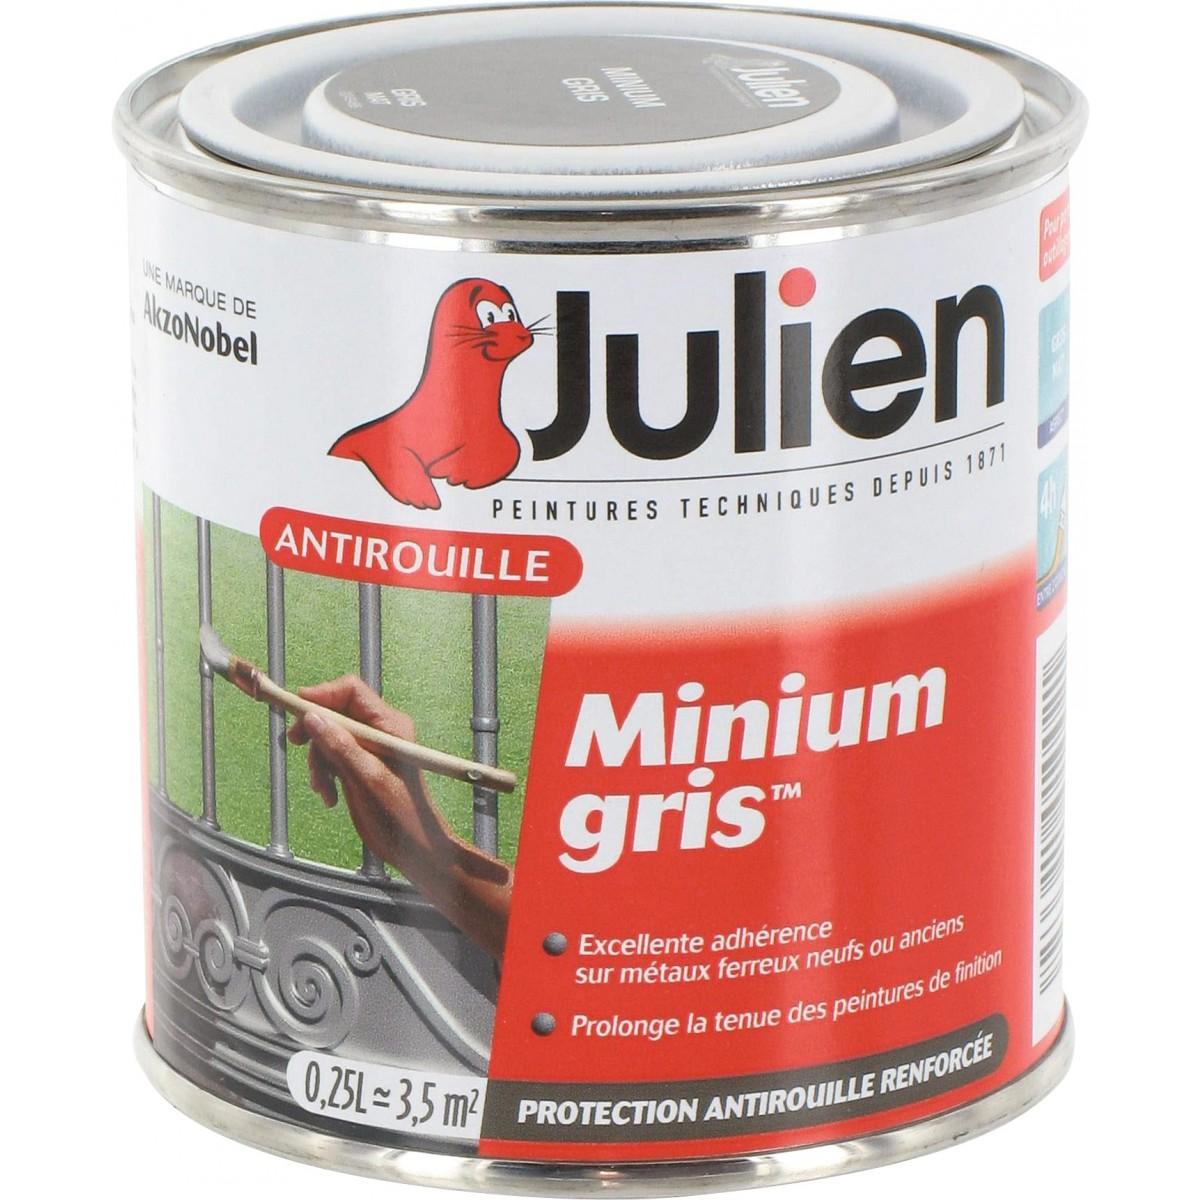 Antirouille minium gris Julien - Boîte 250 ml